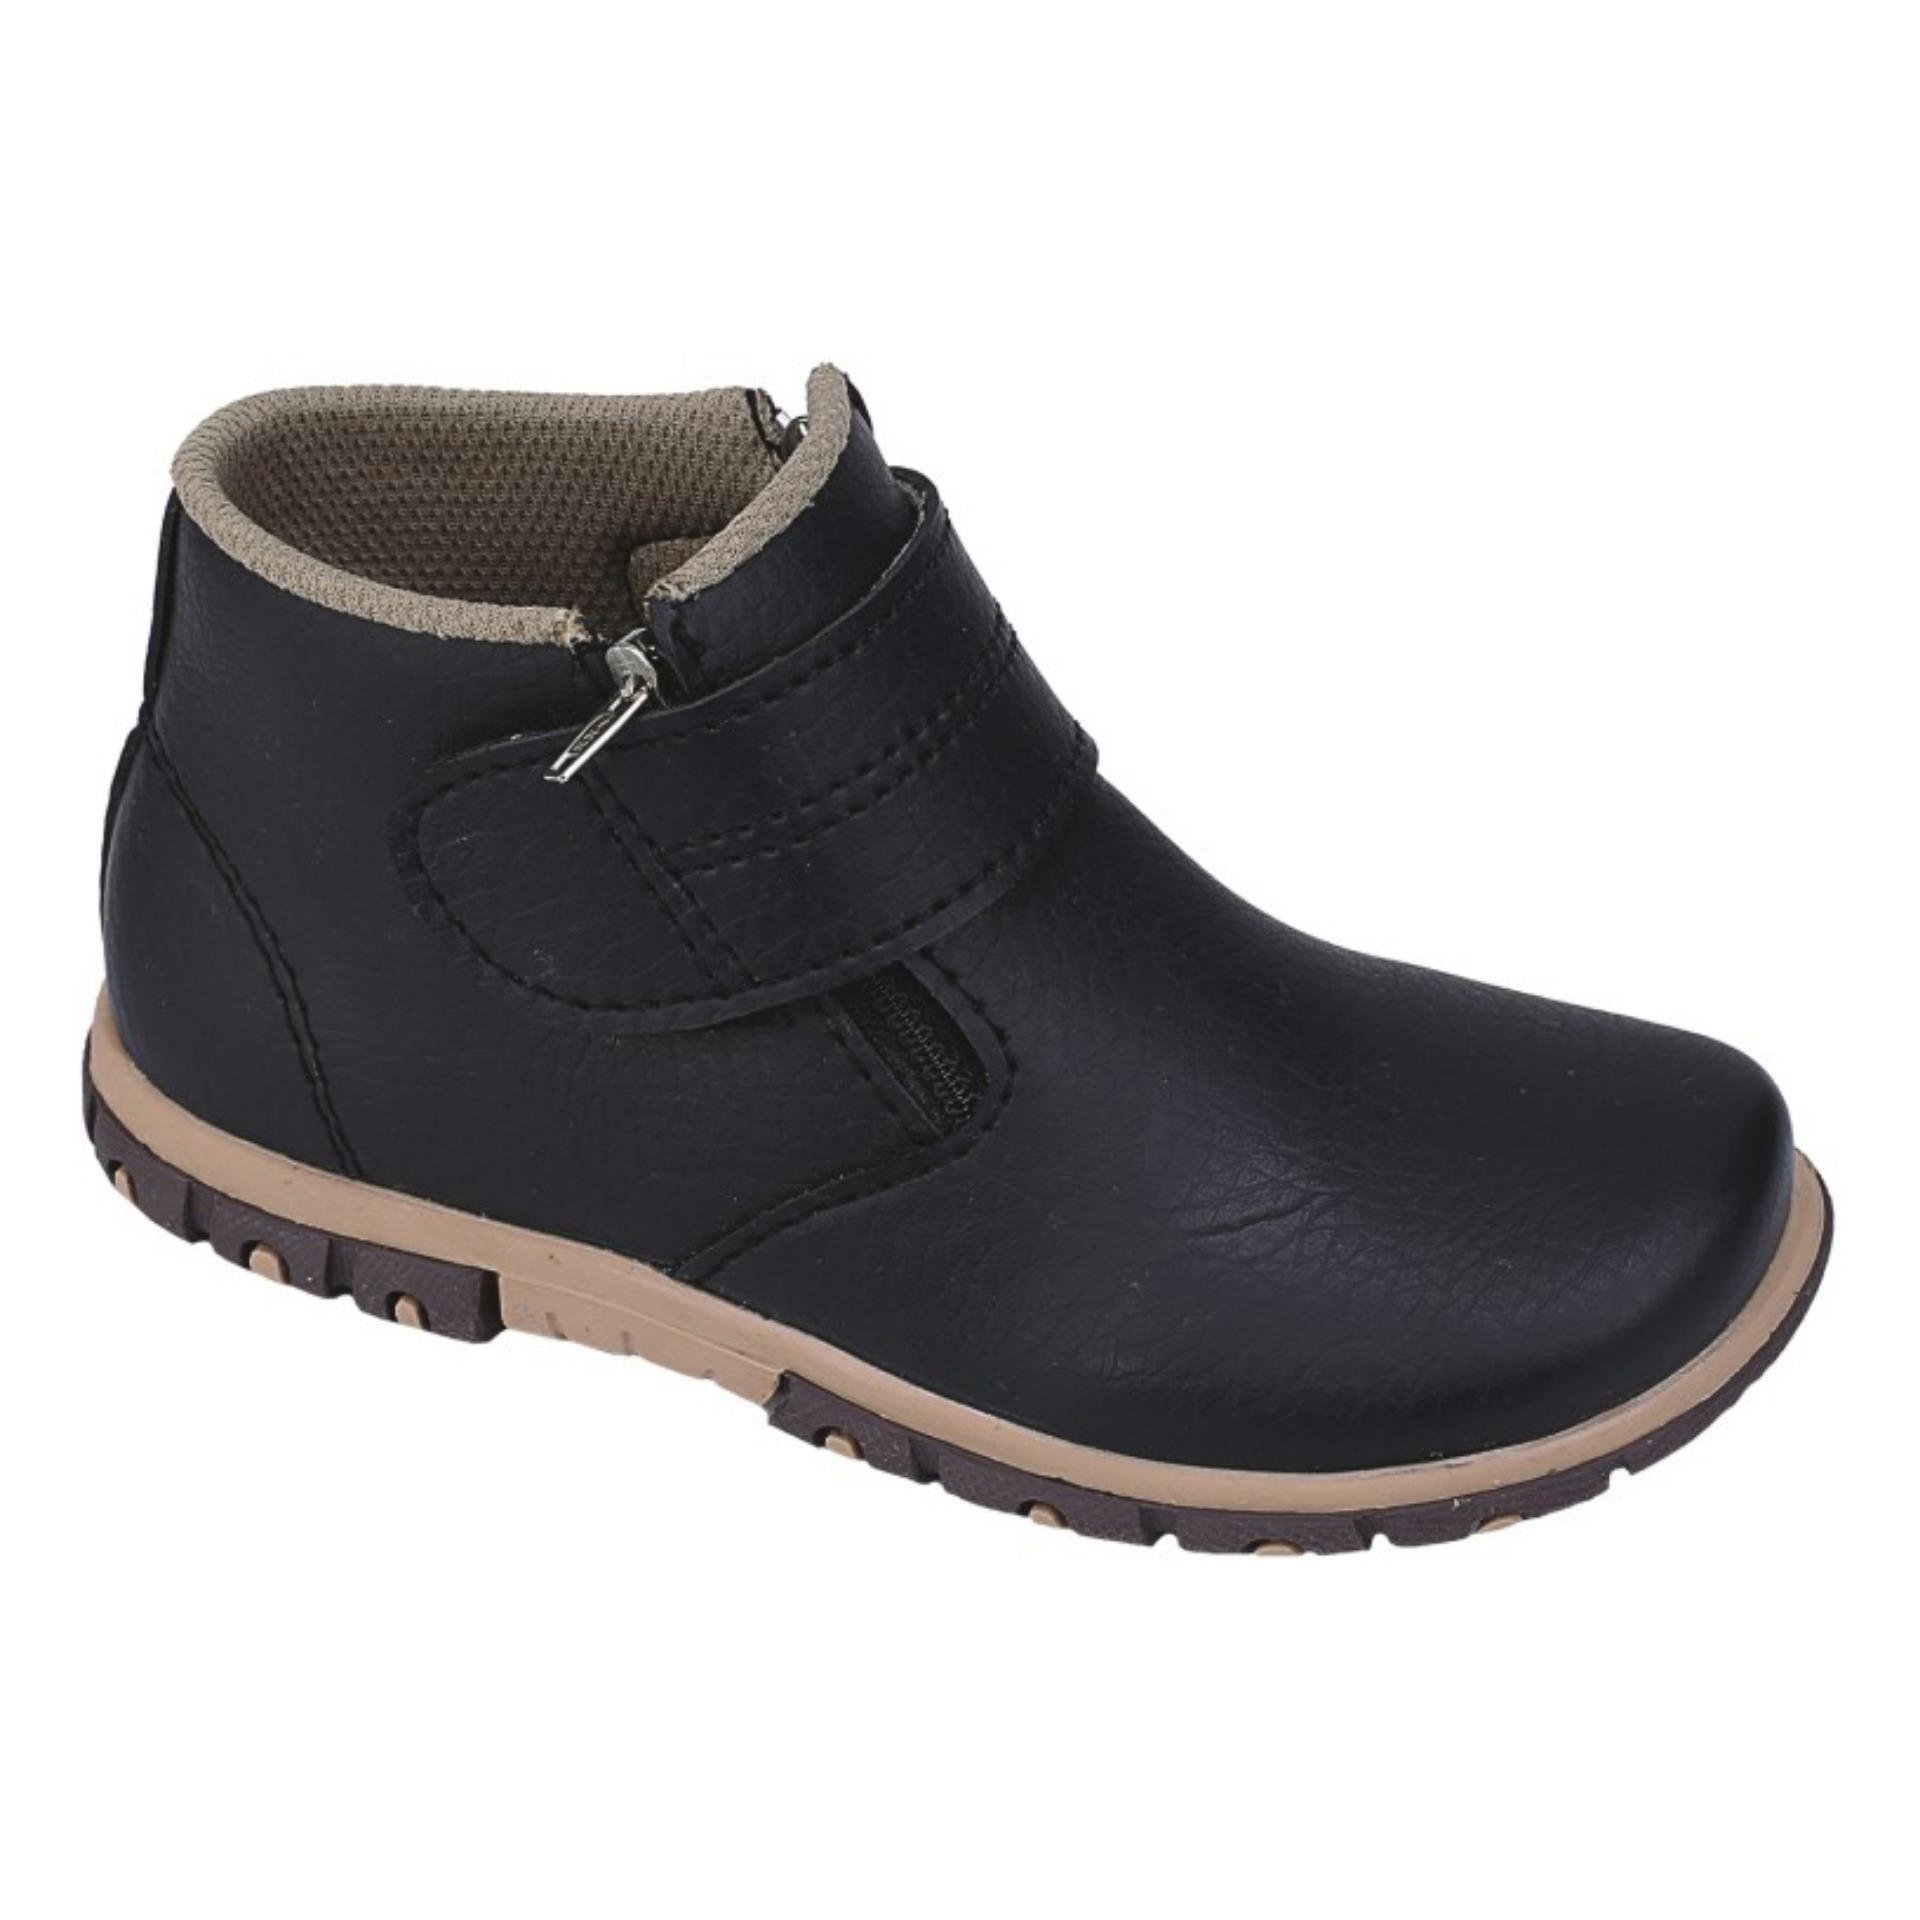 Catenzo Gu 005 Sepatu Boots Fall Winter Wanita Casual Sintetis Tpr Garucci Gda 9070 Anak Laki Keren Hitam Bandingkan Toko Junior Cjm 012 Sneaker